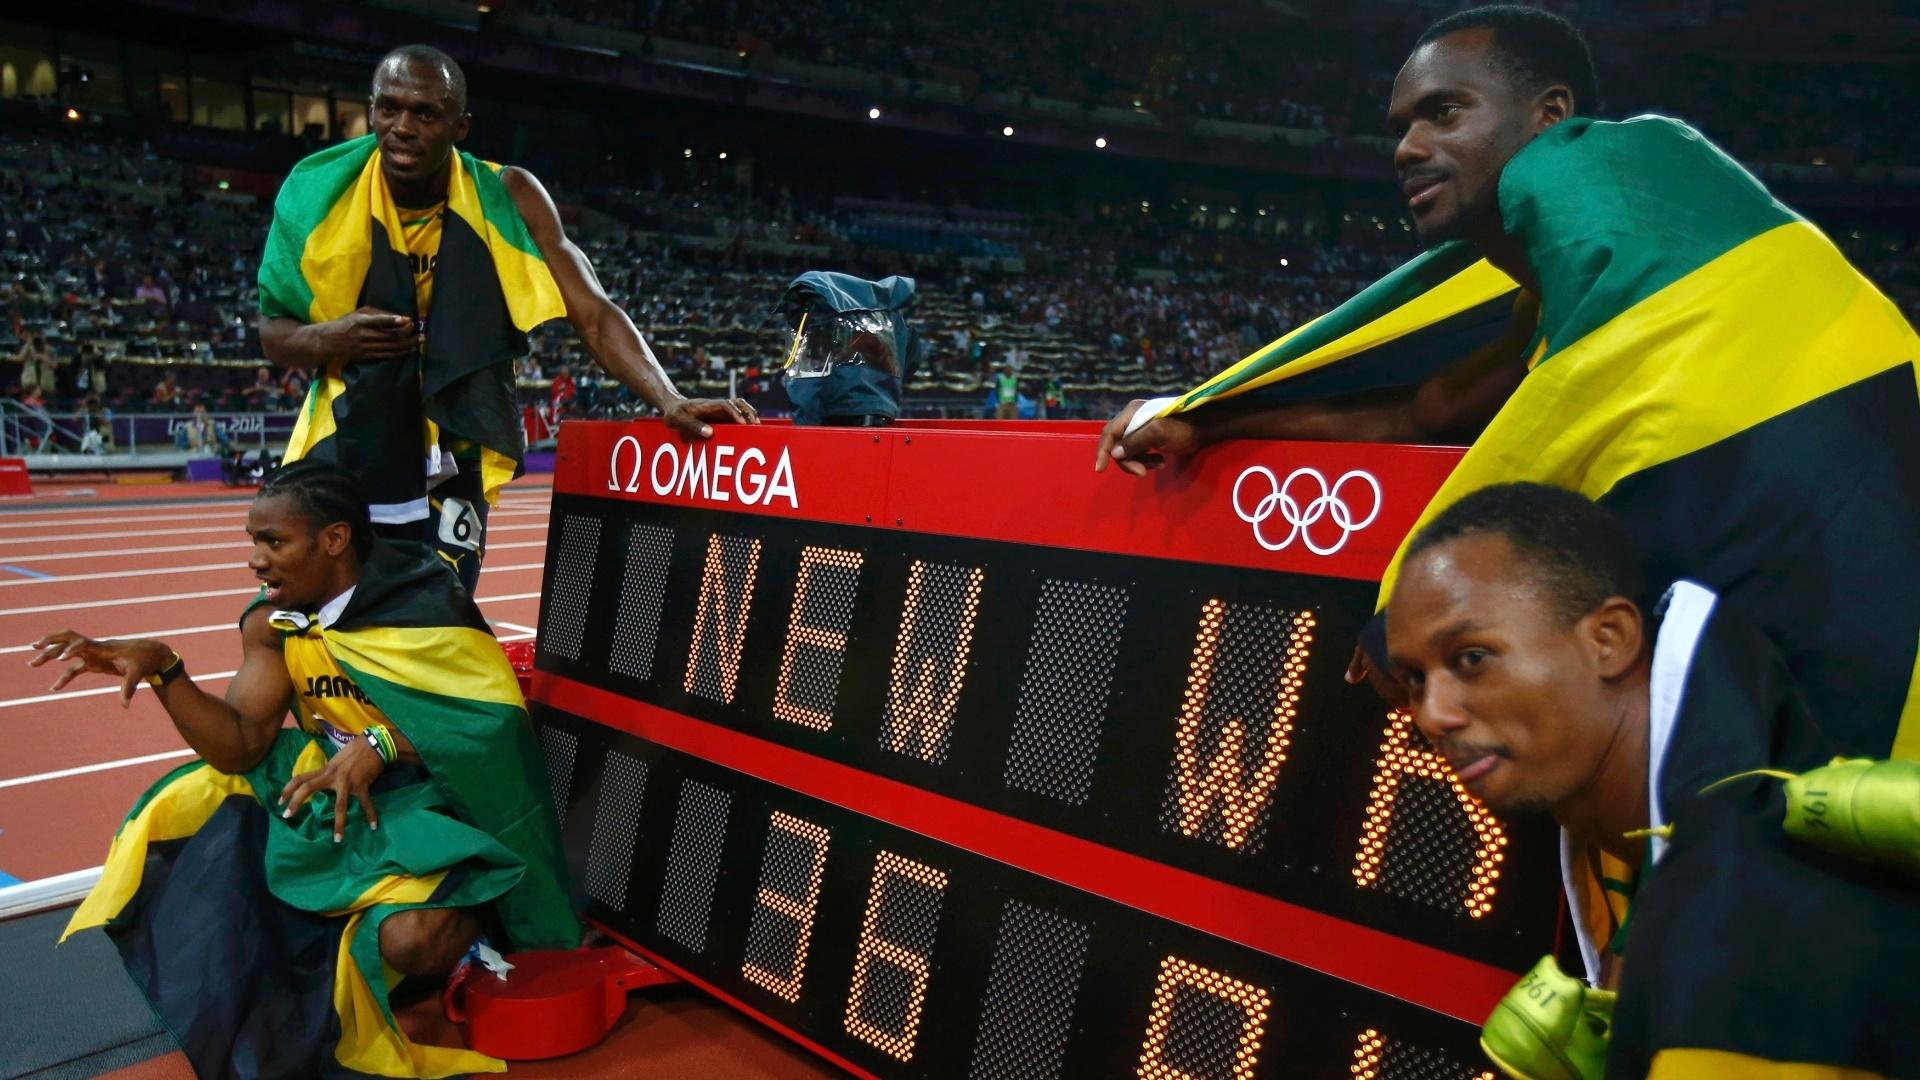 Equipe jamaicana do revezamento 4x100 m comemora medalha de ouro e novo recorde mundial ao lado de marca